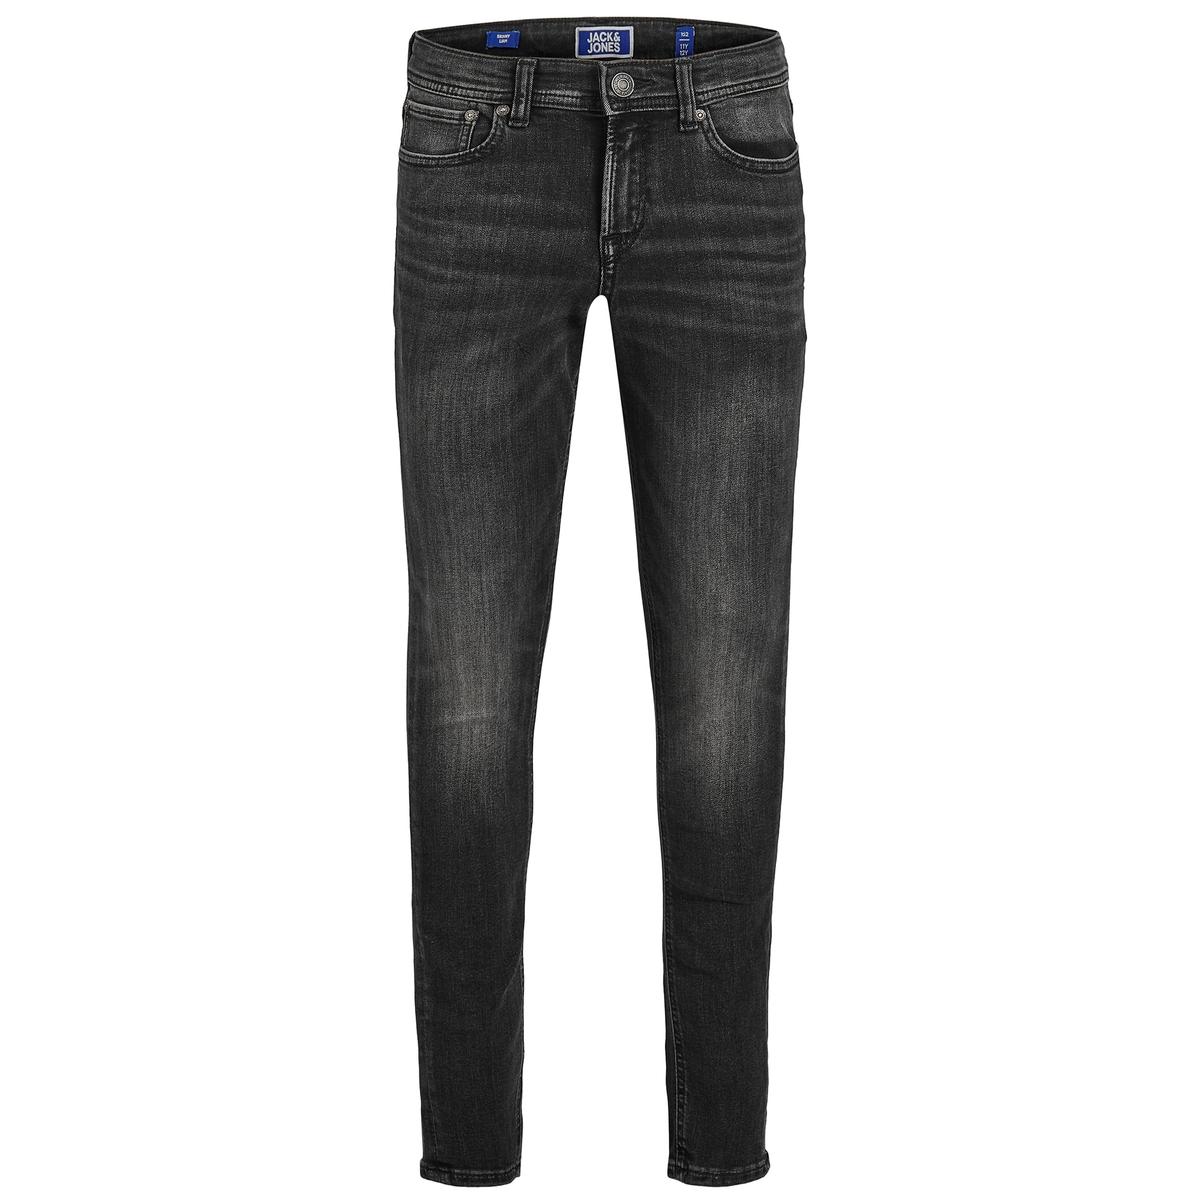 Фото - Джинсы LaRedoute Скинни 10-16 лет 13 серый джинсы laredoute скинни длина 30 s черный